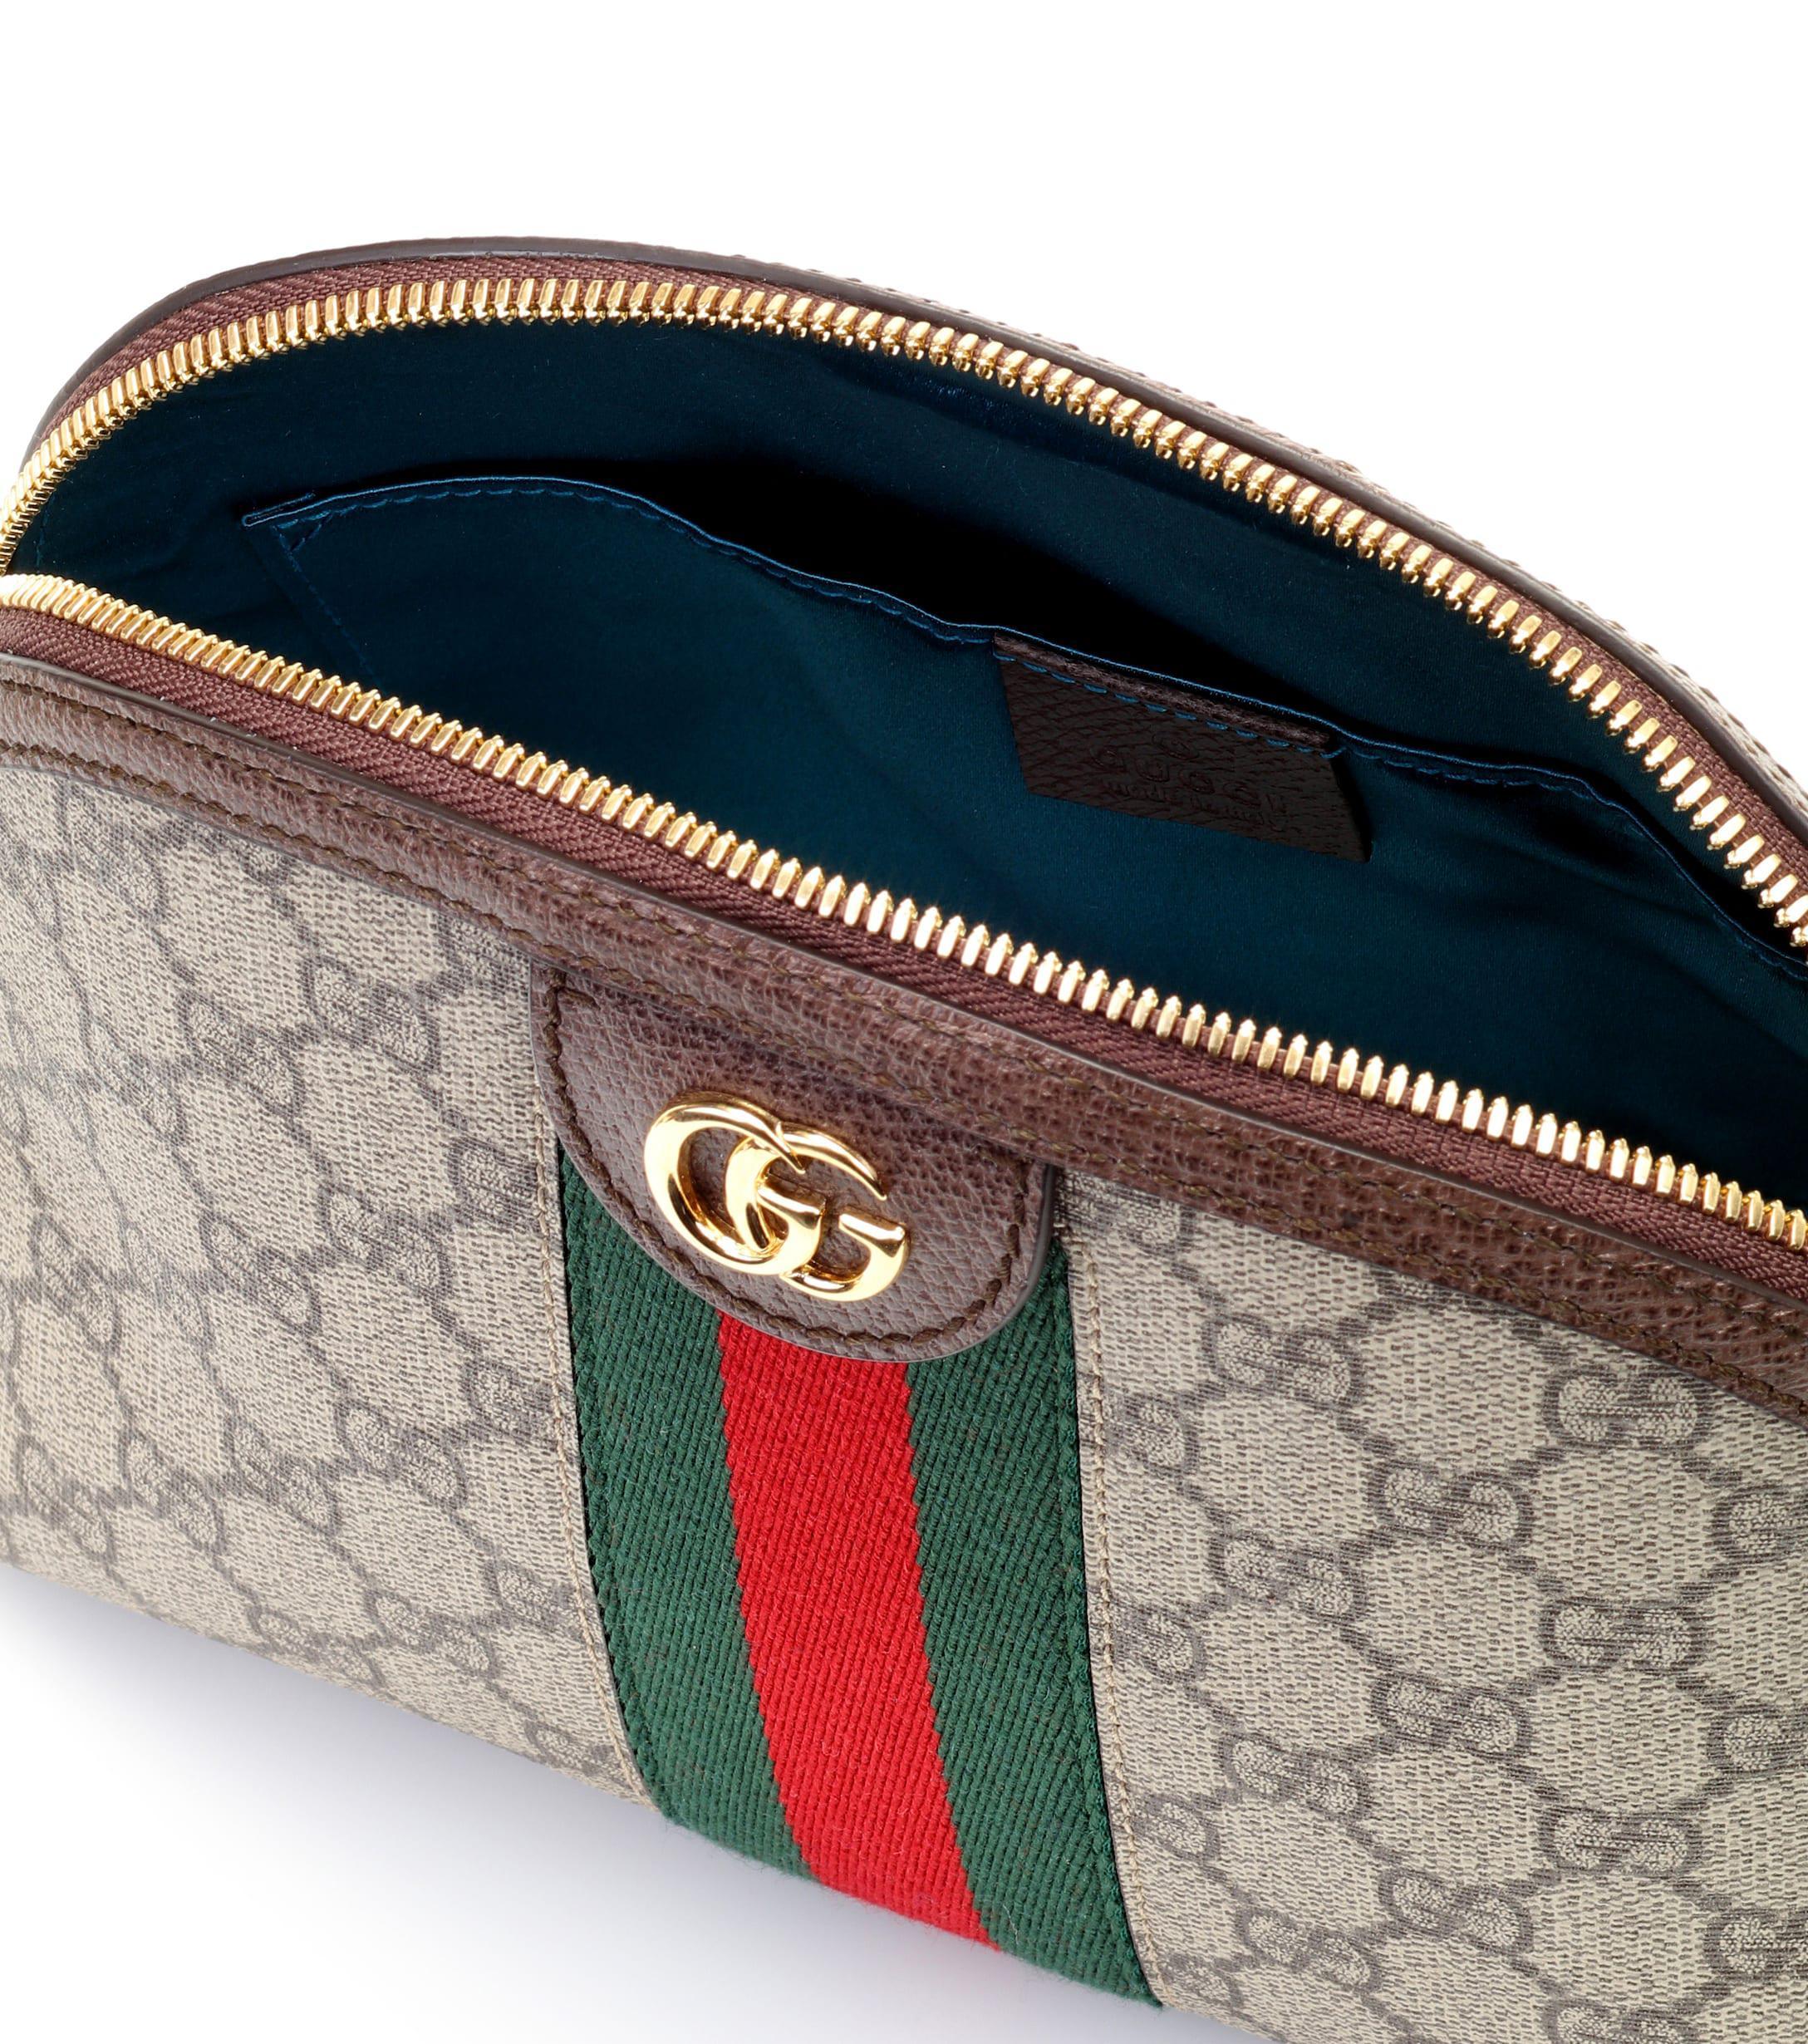 ce5c5df10f8e1 Lyst - Bolso al hombro Ophidia GG Small Gucci de color Marrón